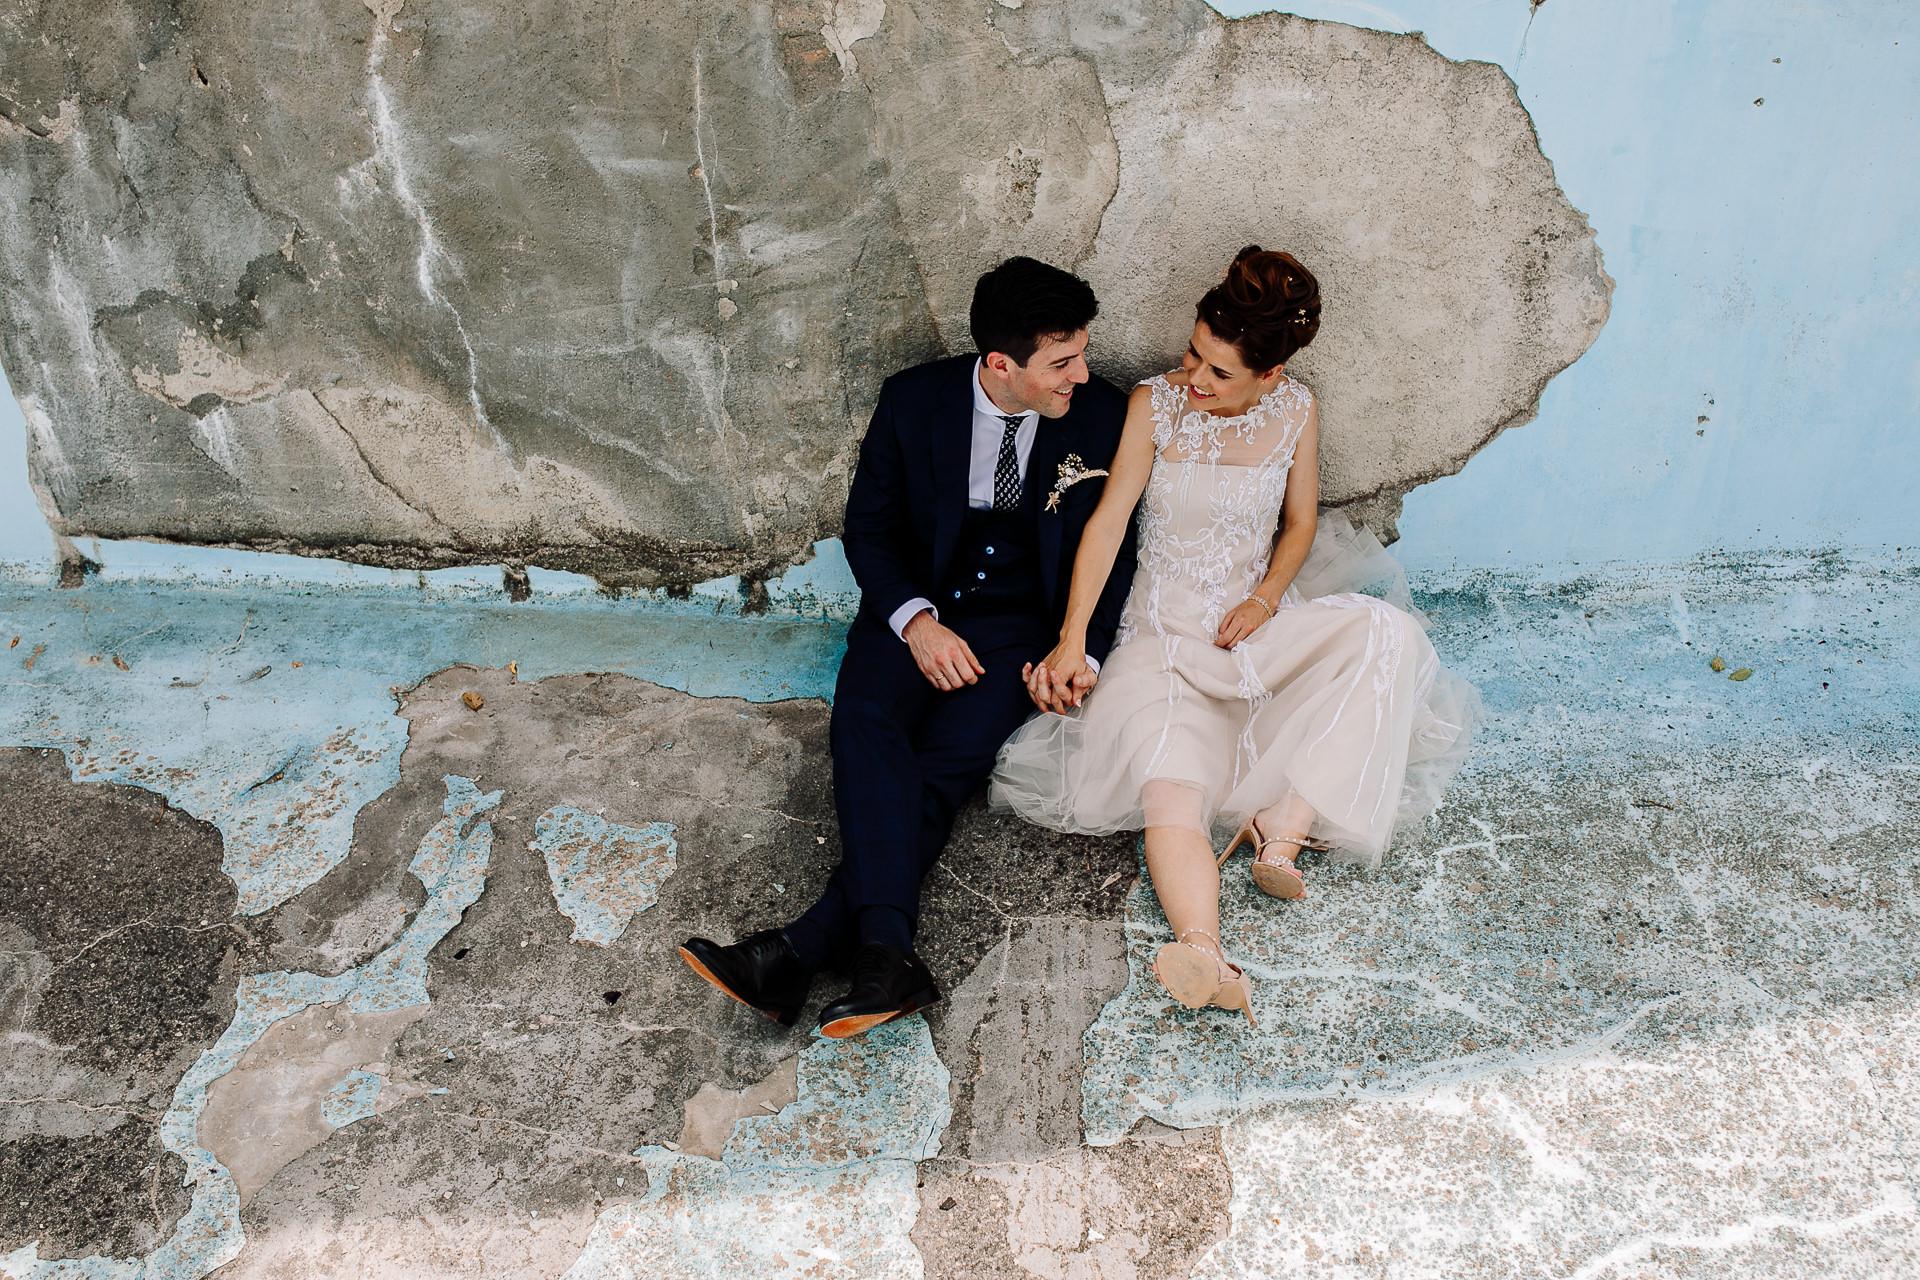 boda rural palacio anuncibai 130610